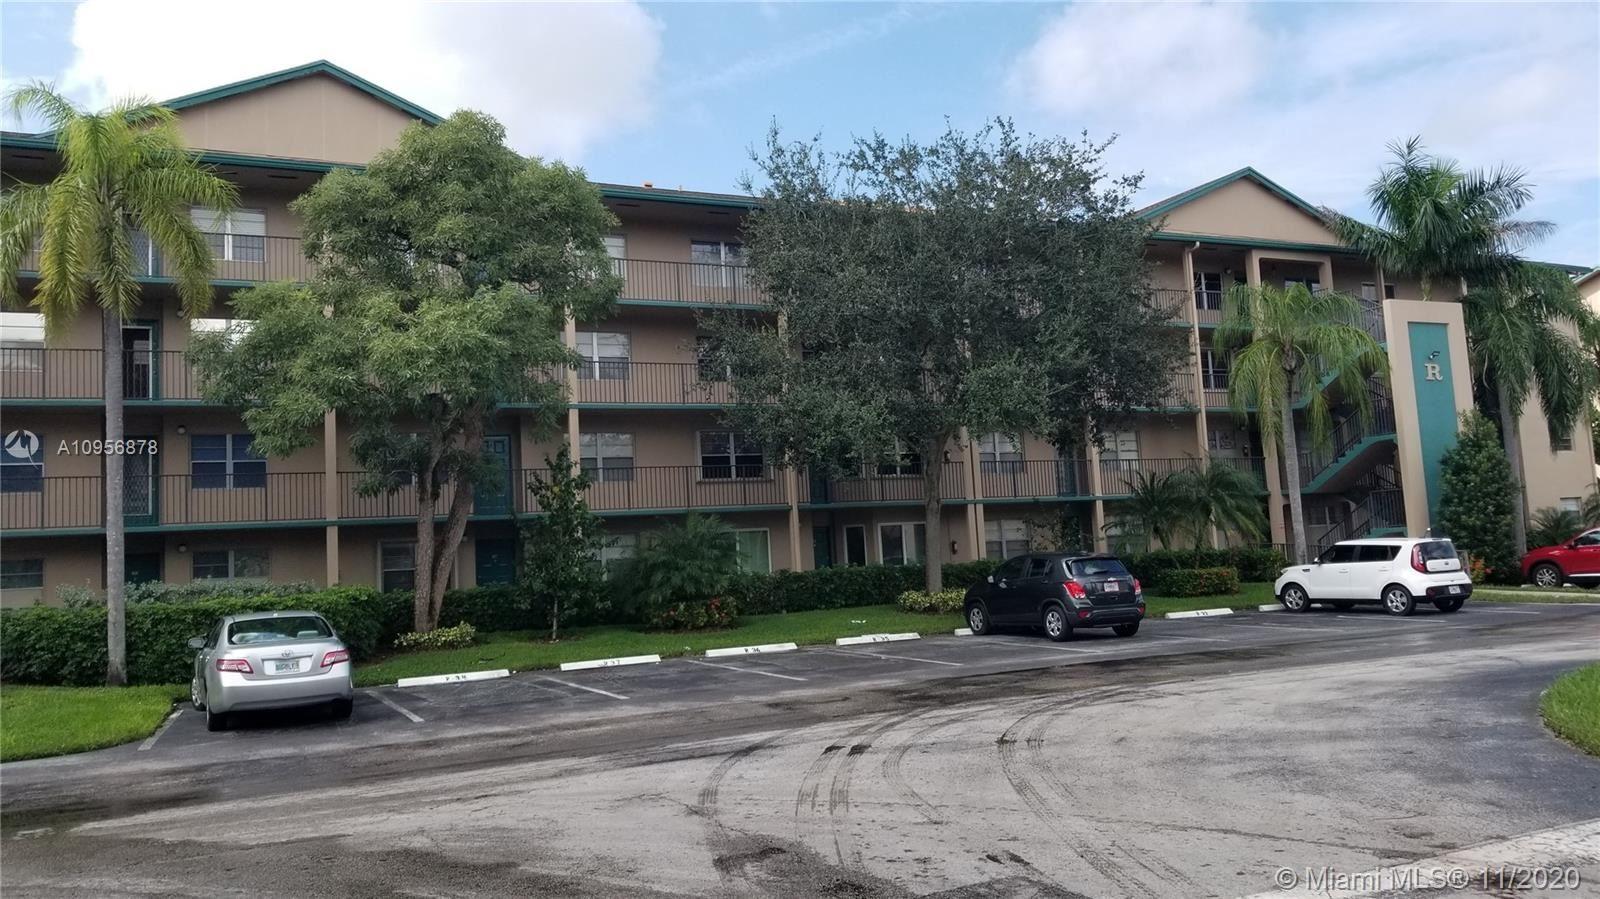 900 SW 125th Way #305, Pembroke Pines, FL 33027 - #: A10956878